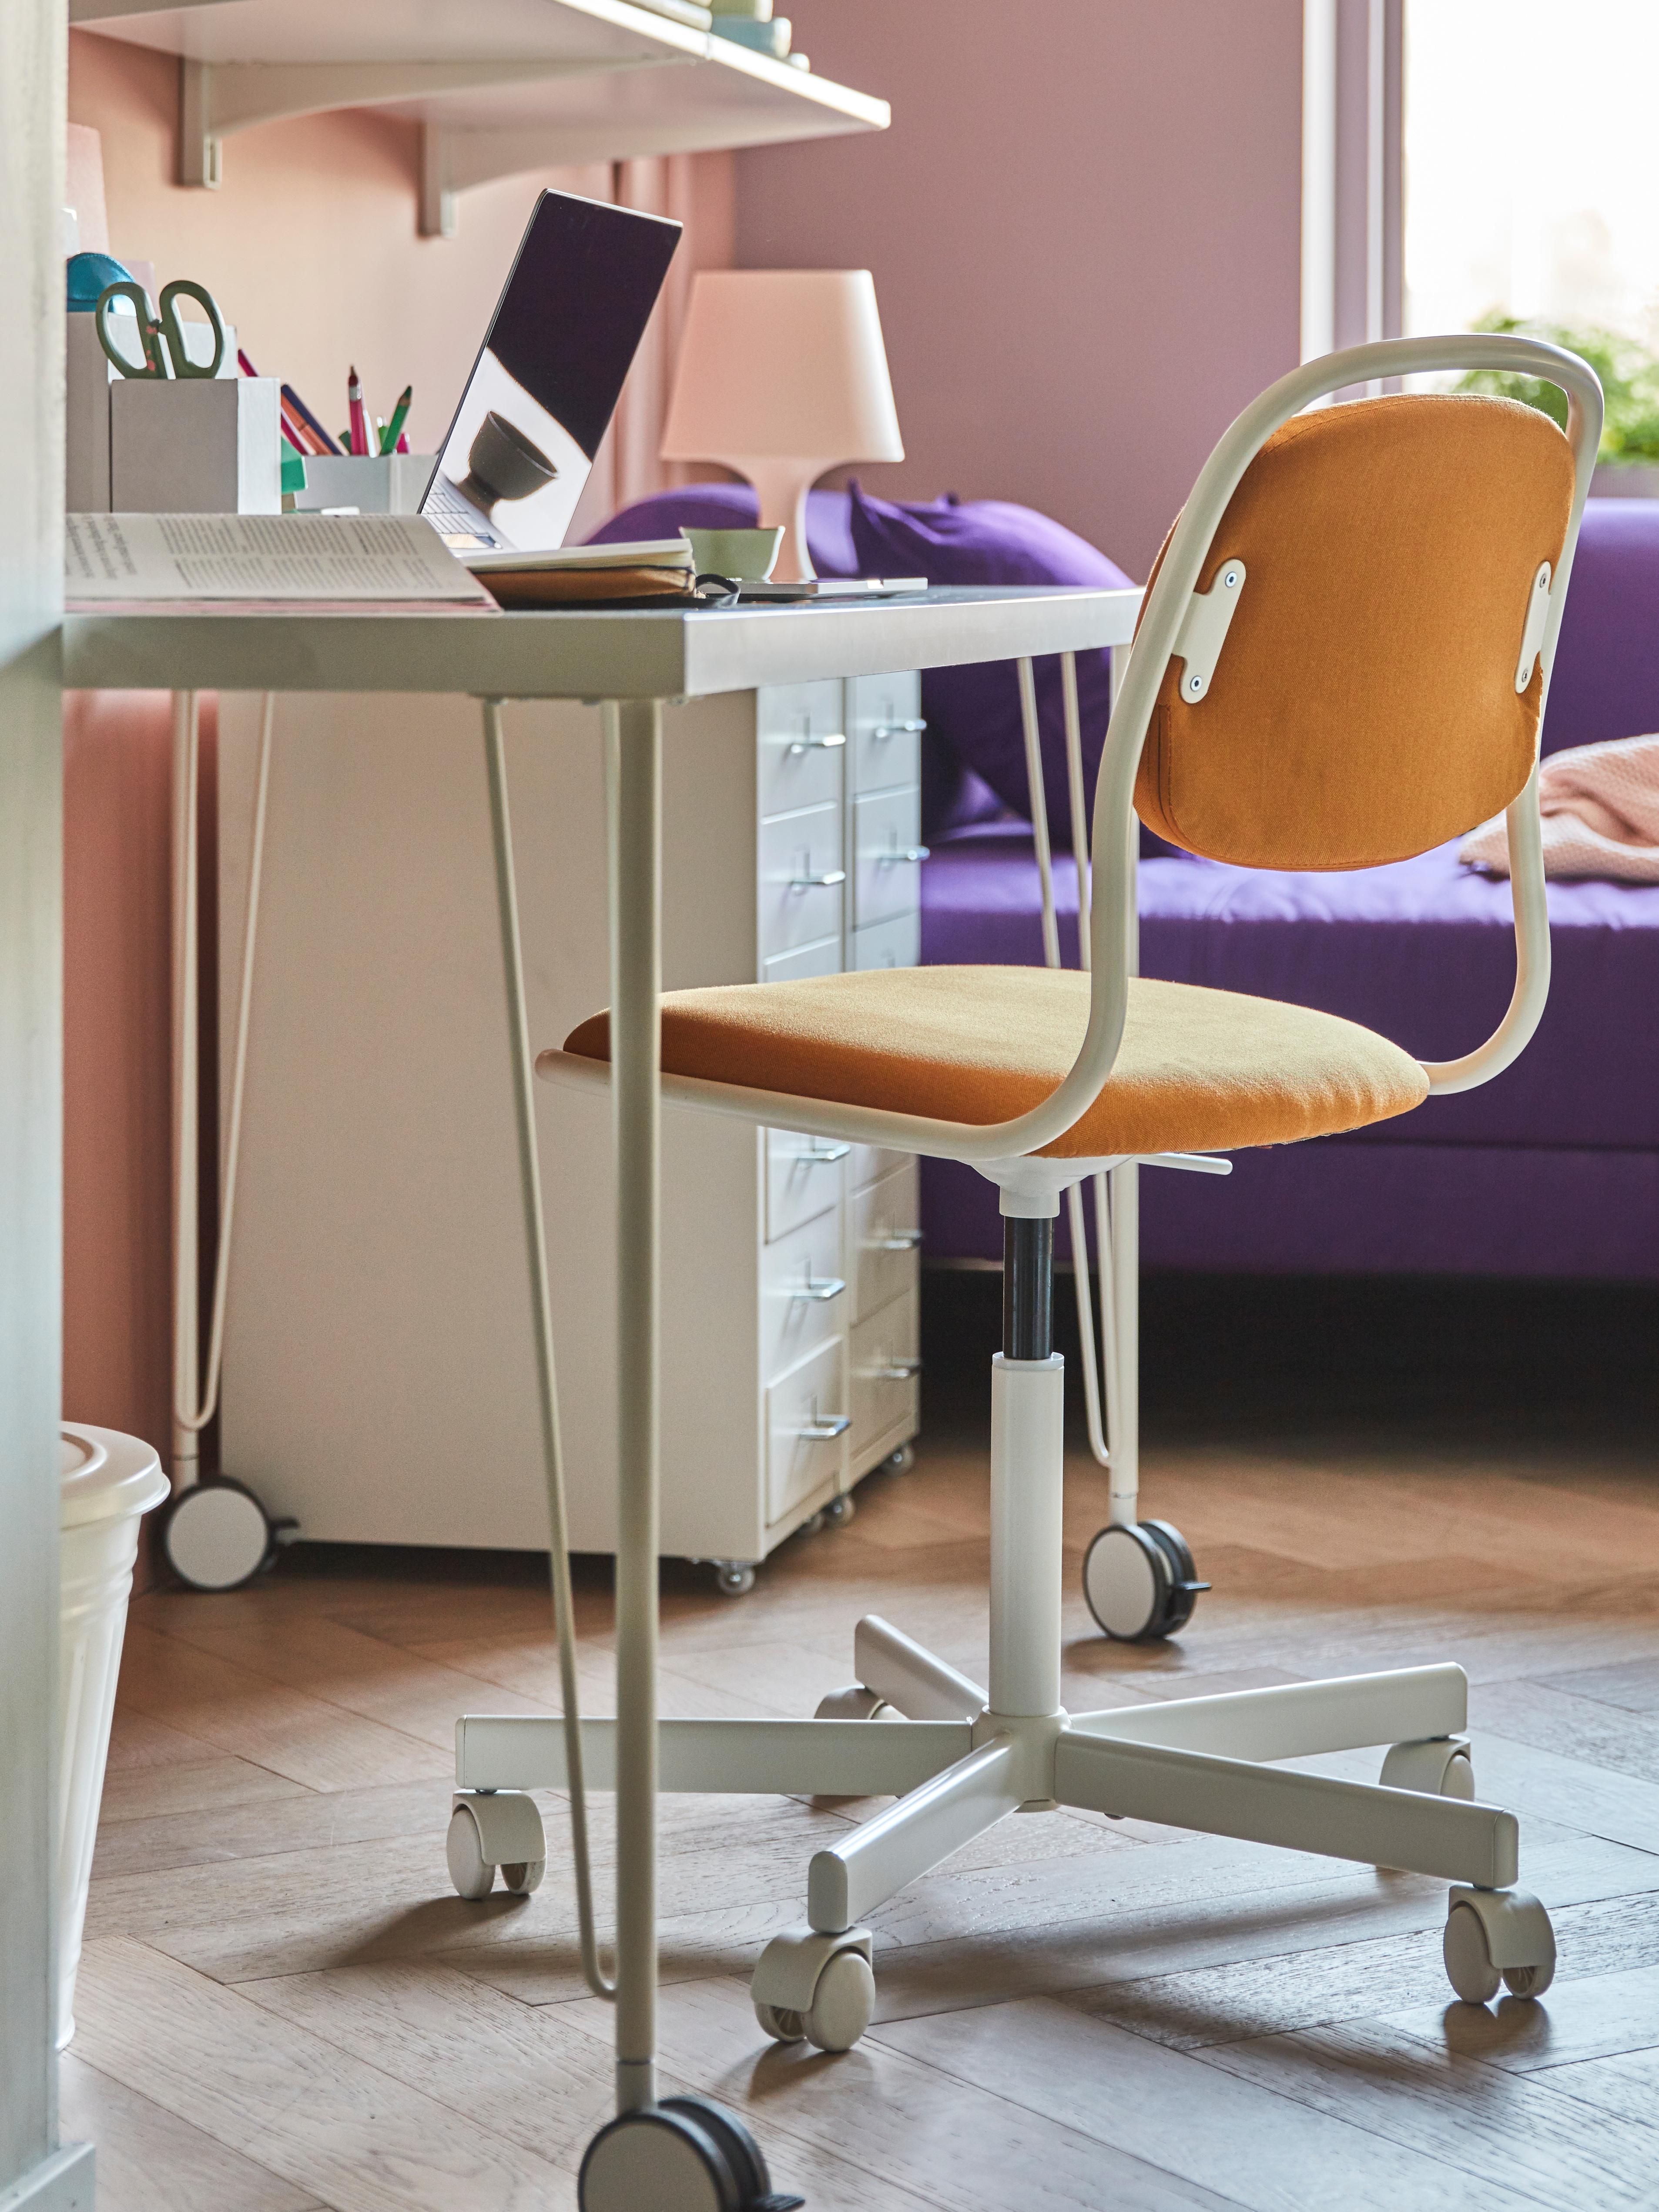 chaise-pivotante-ÖRFJÄLL-blanche-revêtement-jaune-foncé-VISSLE